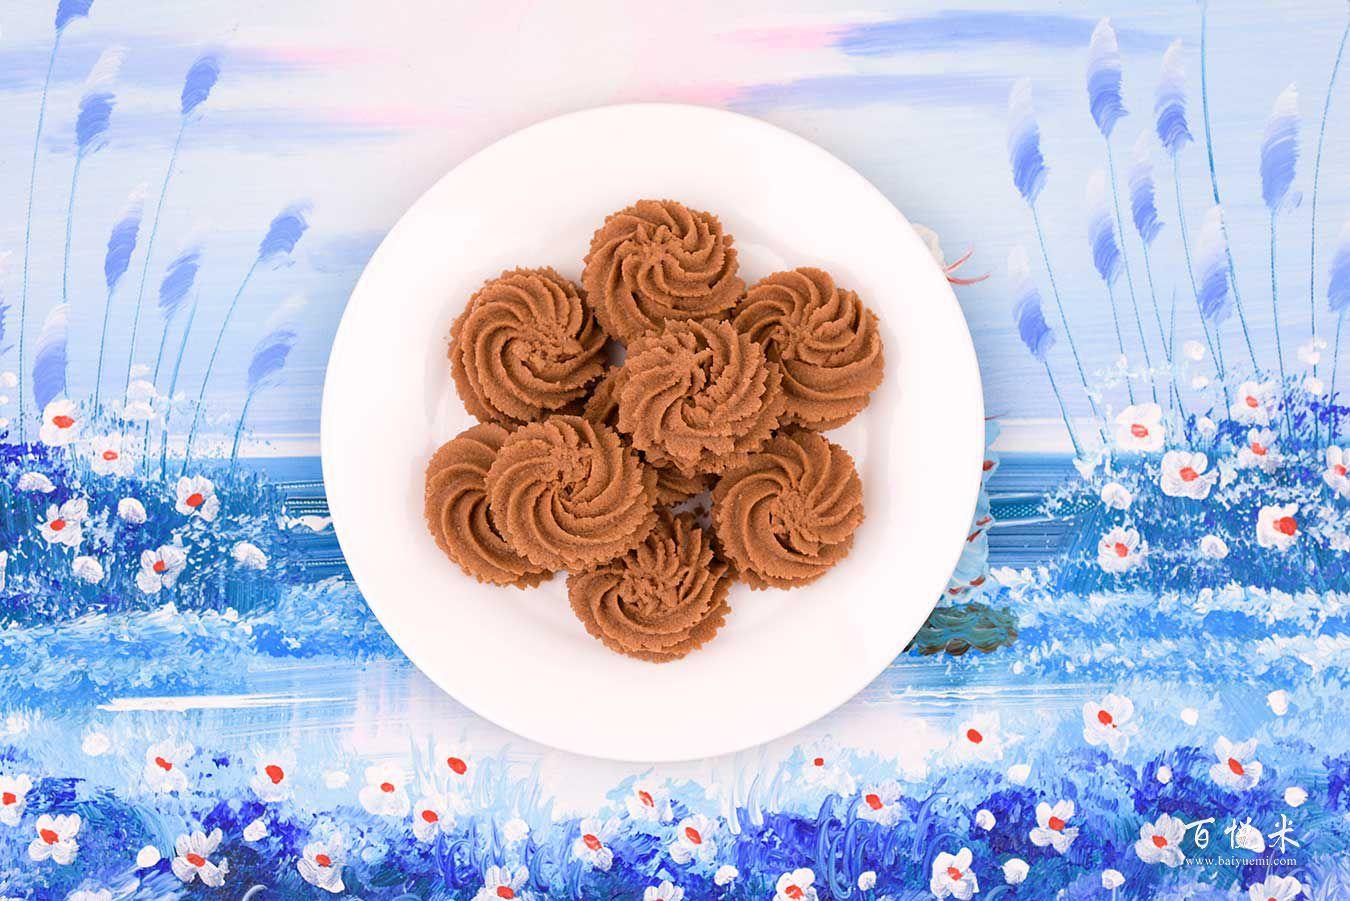 巧克力曲奇饼干高清图片大全【蛋糕图片】_446